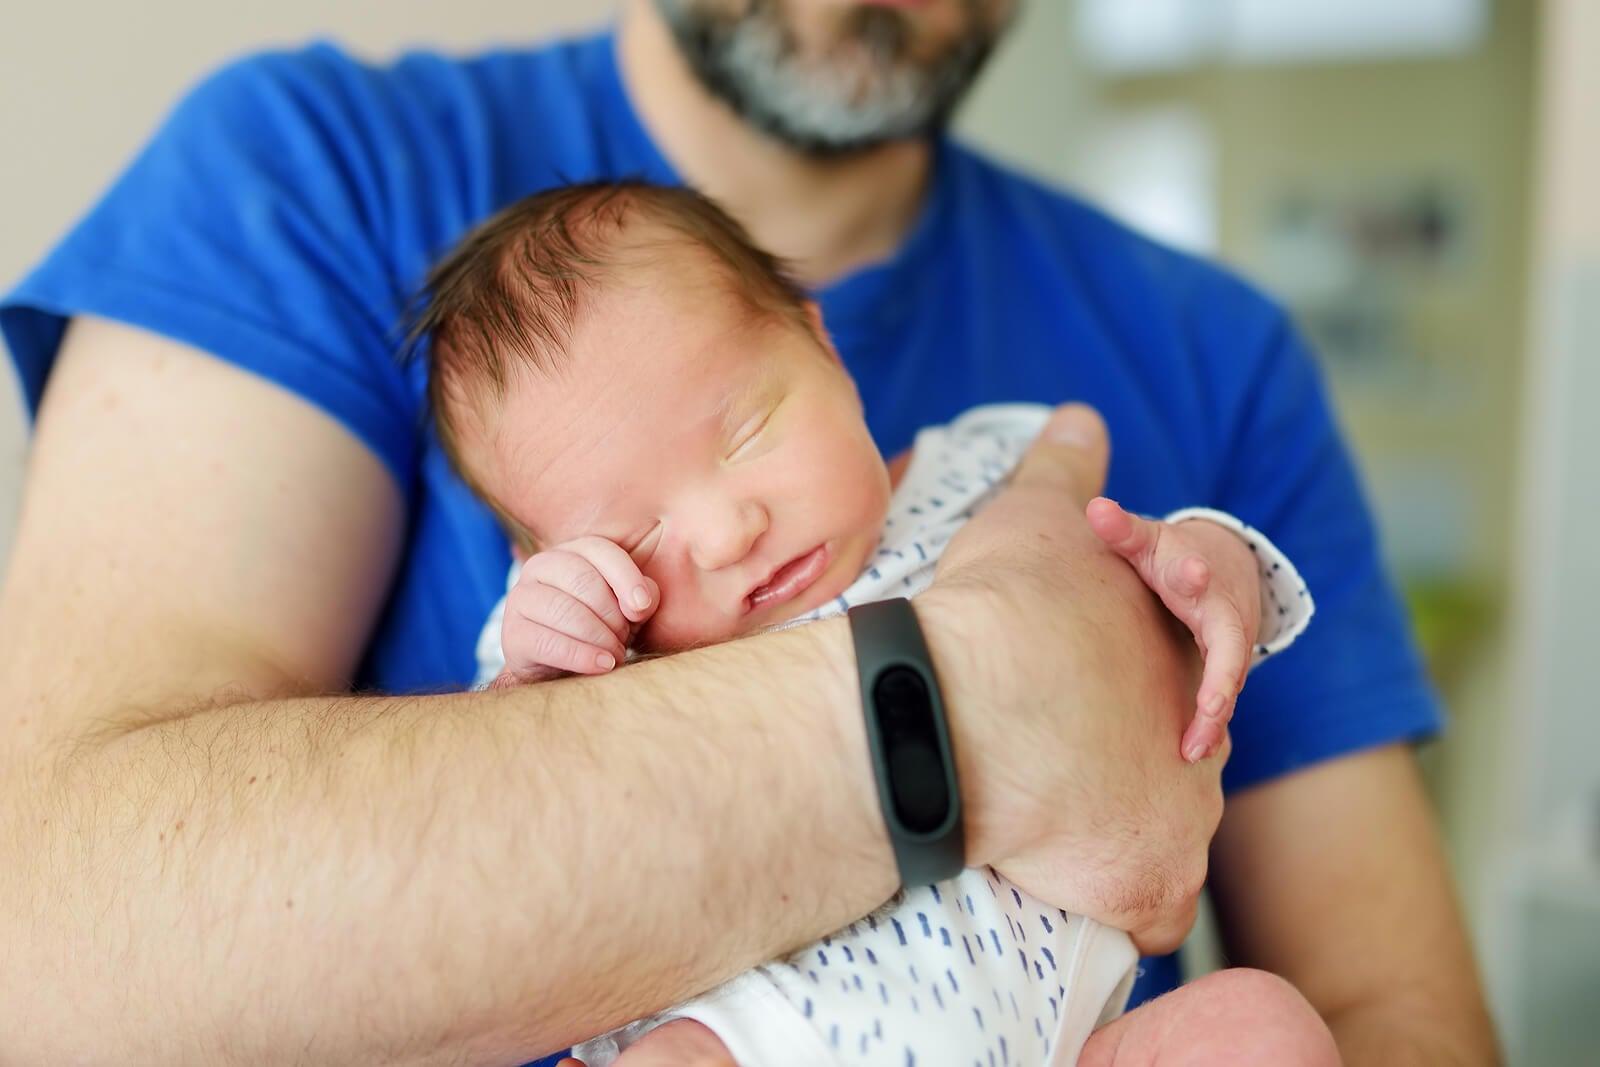 Papá con su bebé recién nacido en brazos.